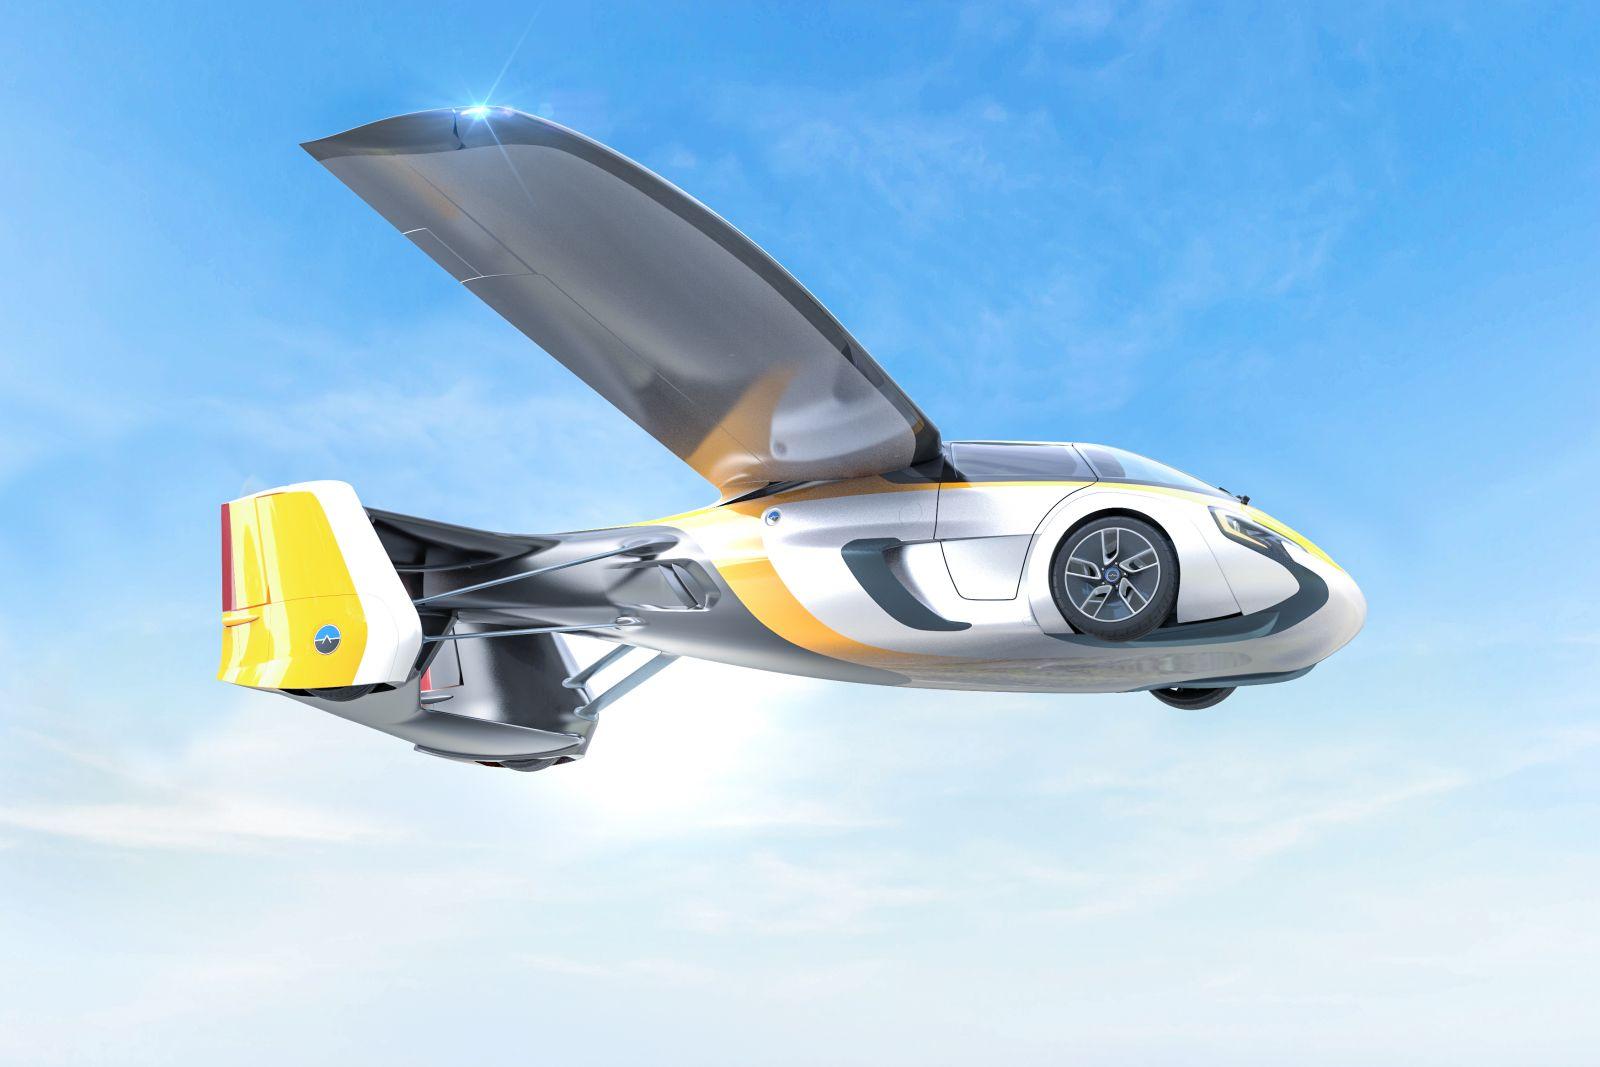 AeroMobil bol na výstave v Číne jednou z najväčších hviezd a predstavil nový dizajn exkluzívne pre čínsky trh